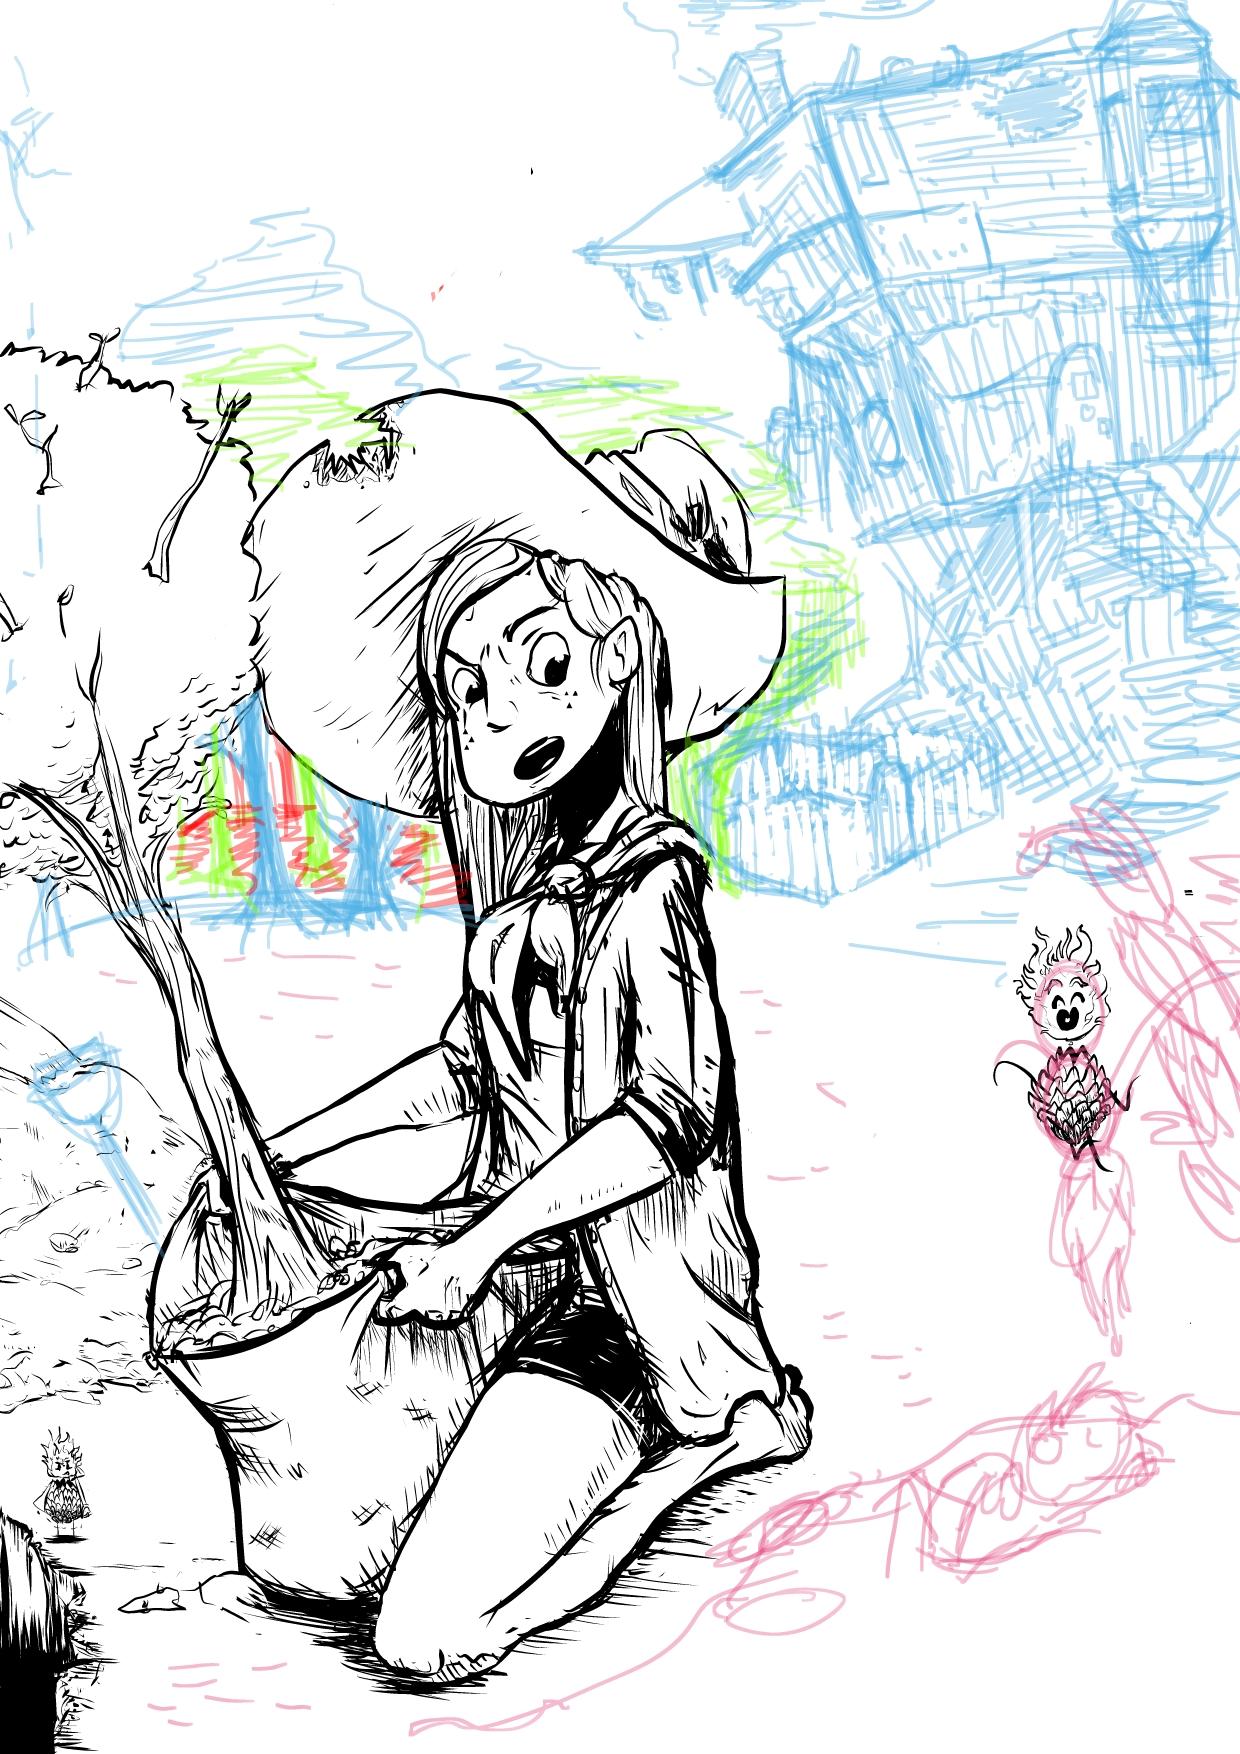 4976217_141096936022_sketching04-06.jpg